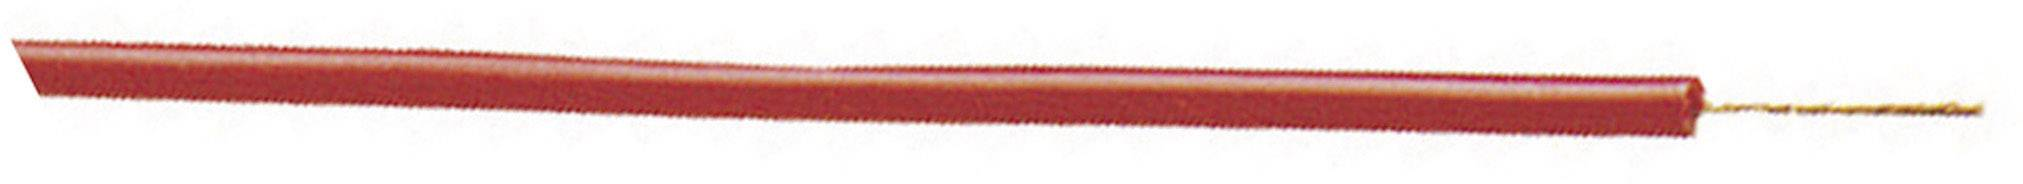 Opletenie / lanko Stäubli 61.7551-10029 SILI-E, 1 x 0.25 mm², vonkajší Ø 1.70 mm, metrový tovar, biela